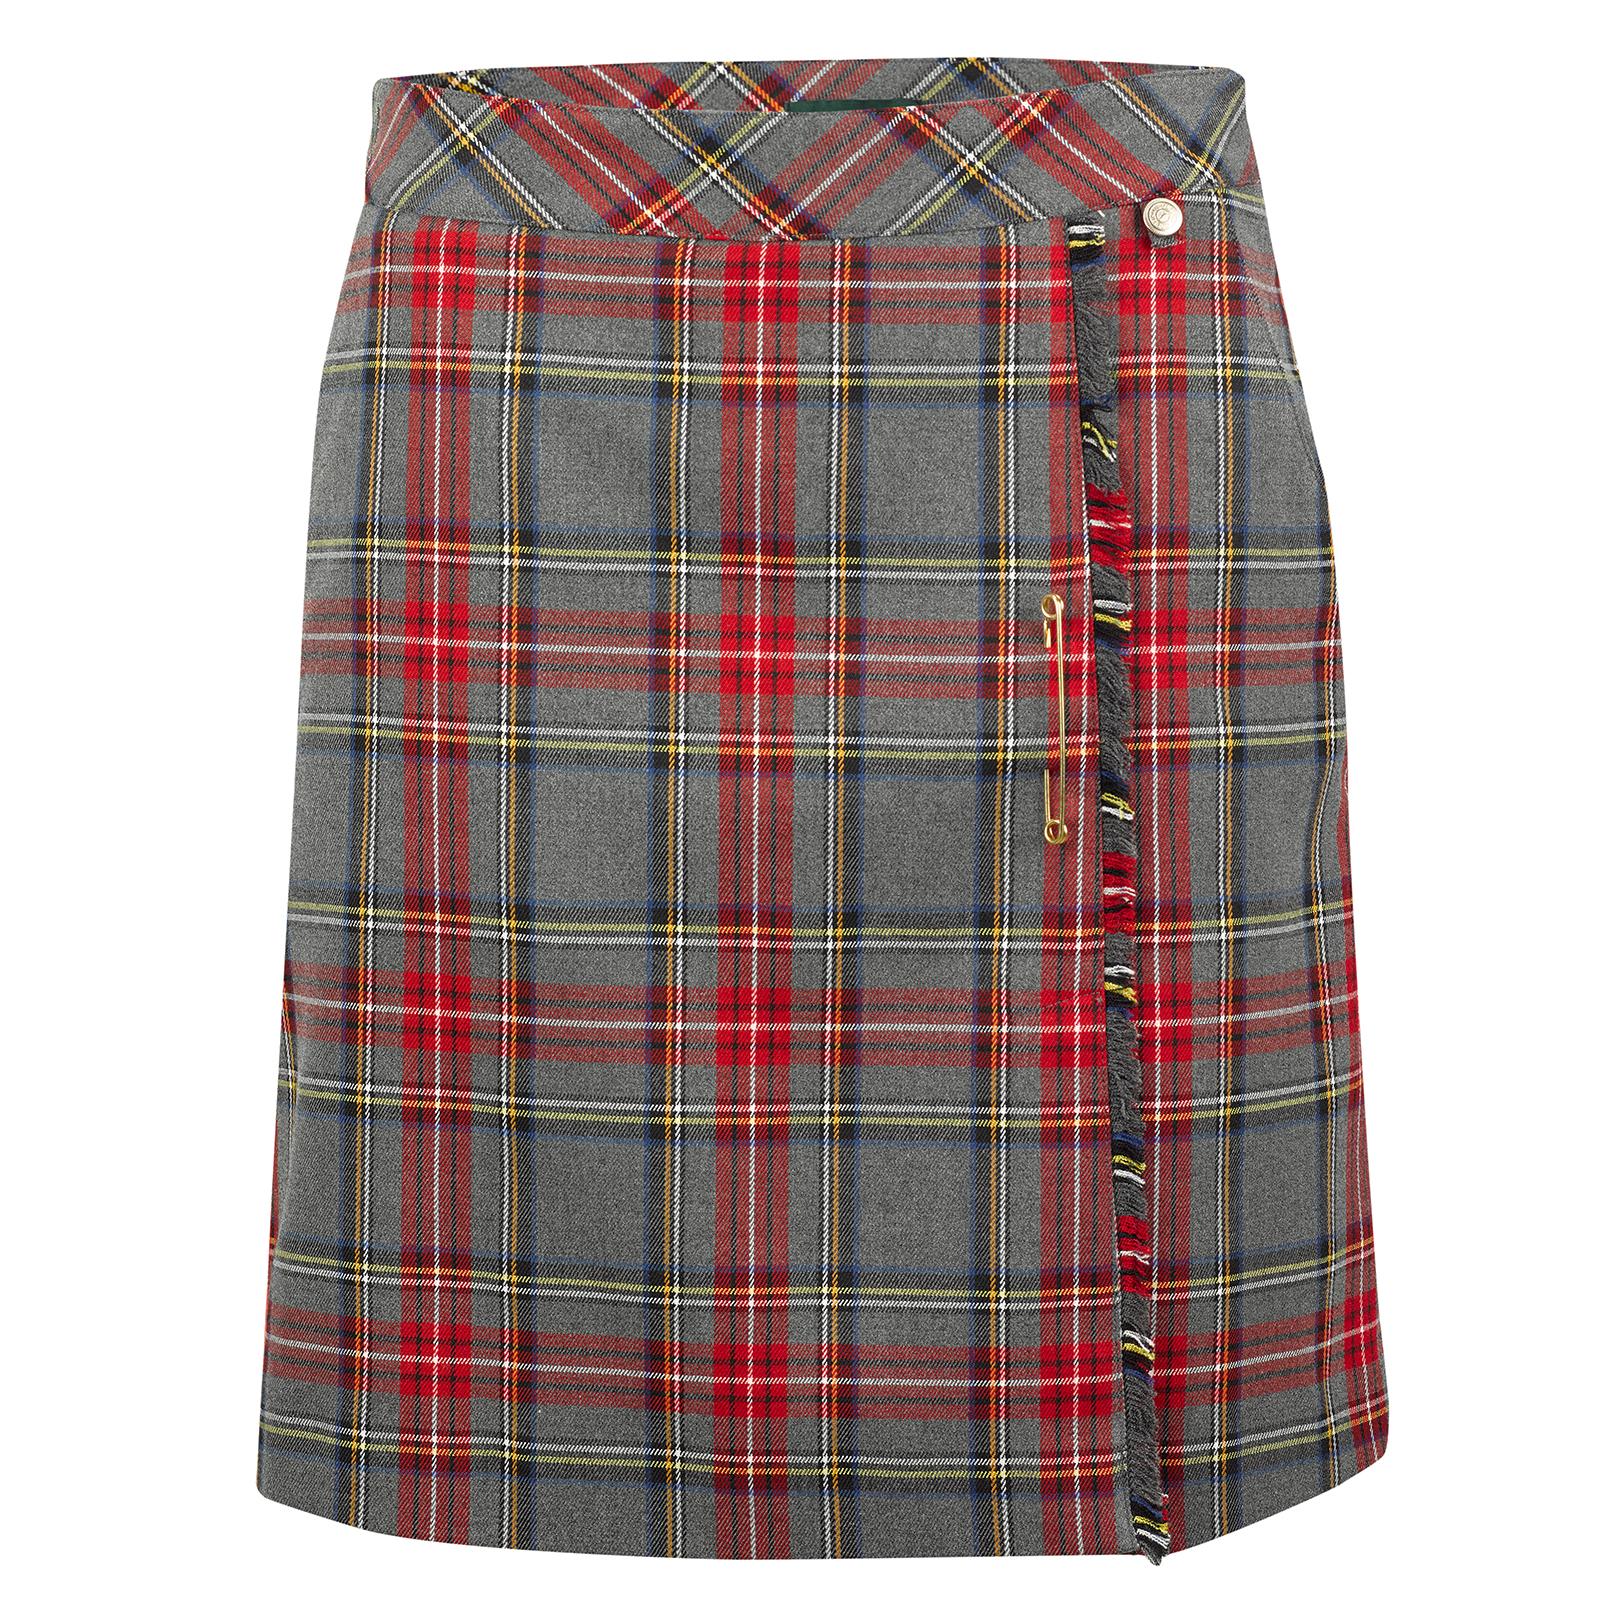 Falda pantalón larga de golf de cuadros de mujer hecha de un suave material elástico con pantalones interiores